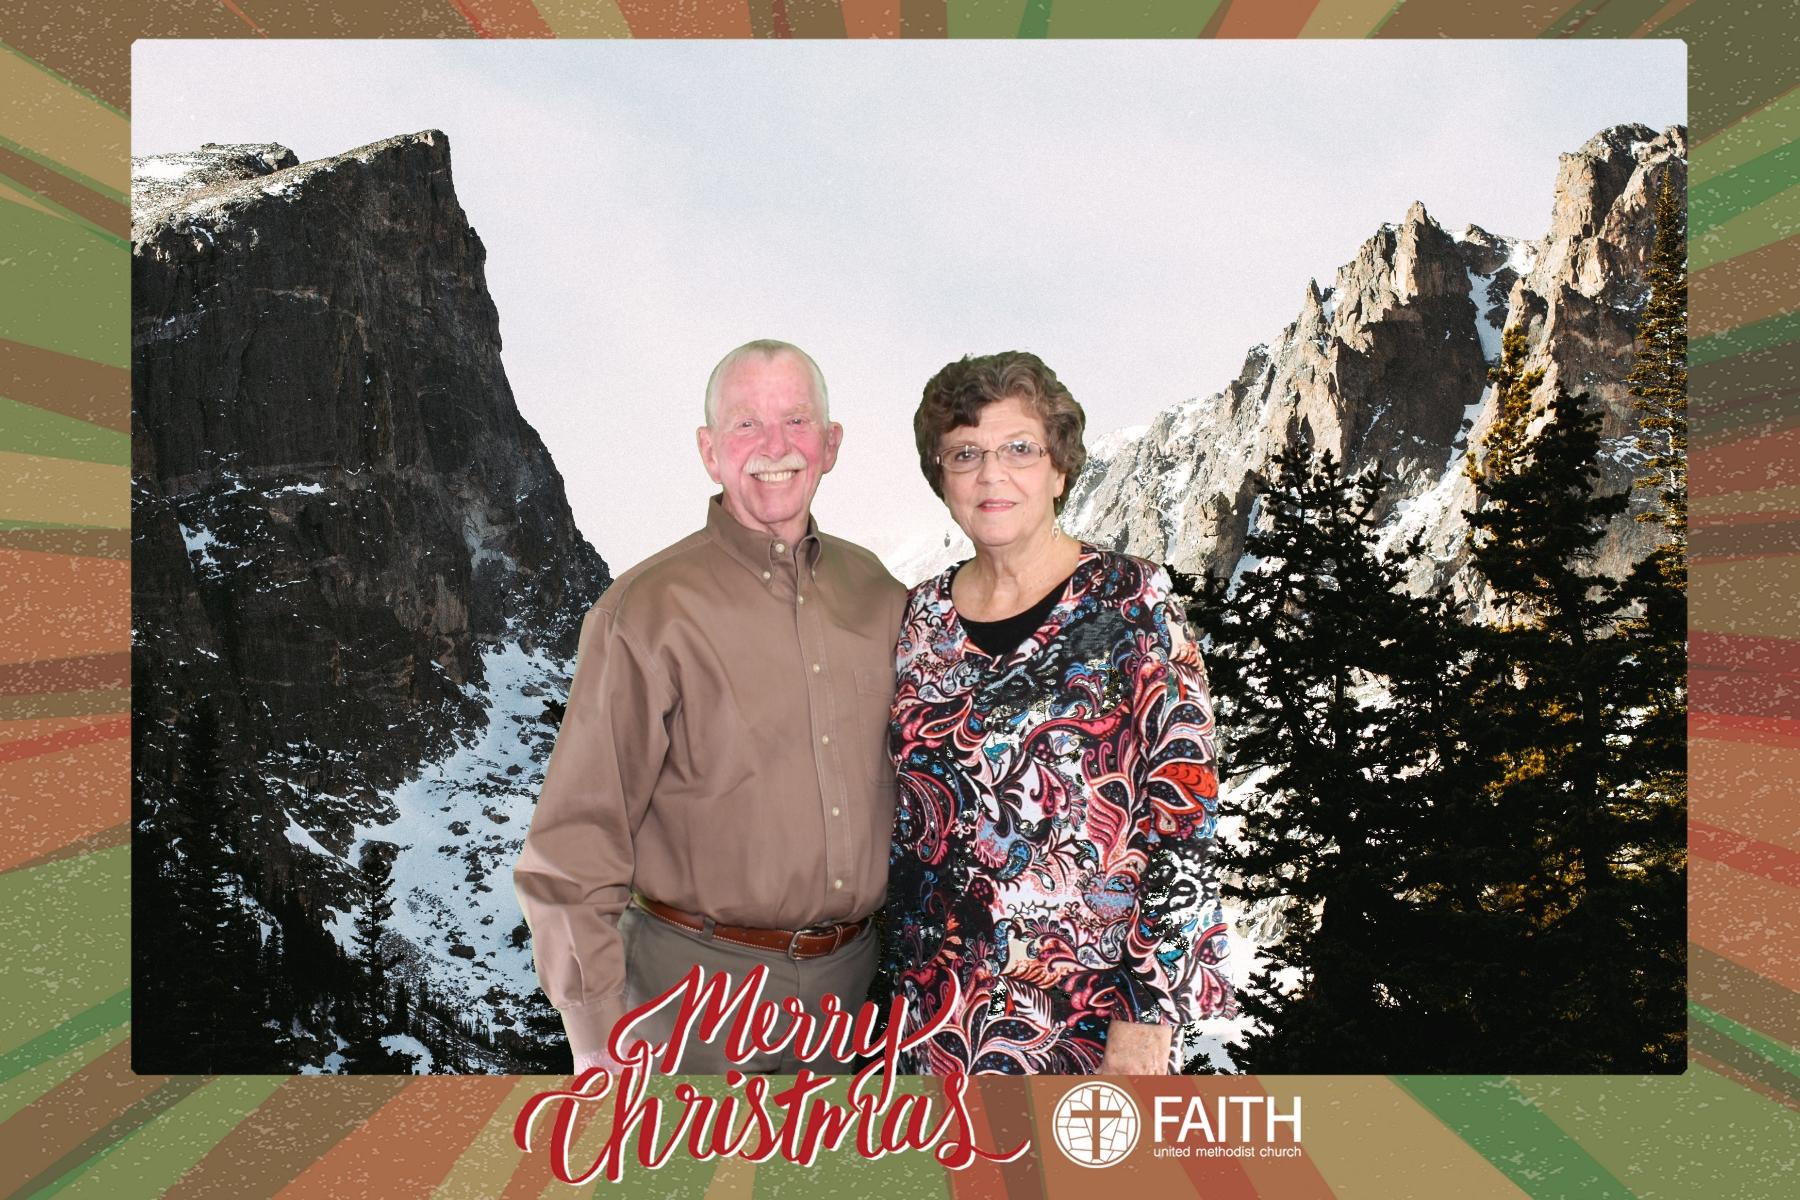 Faith2018_2018-12-24_15-28-59.jpg